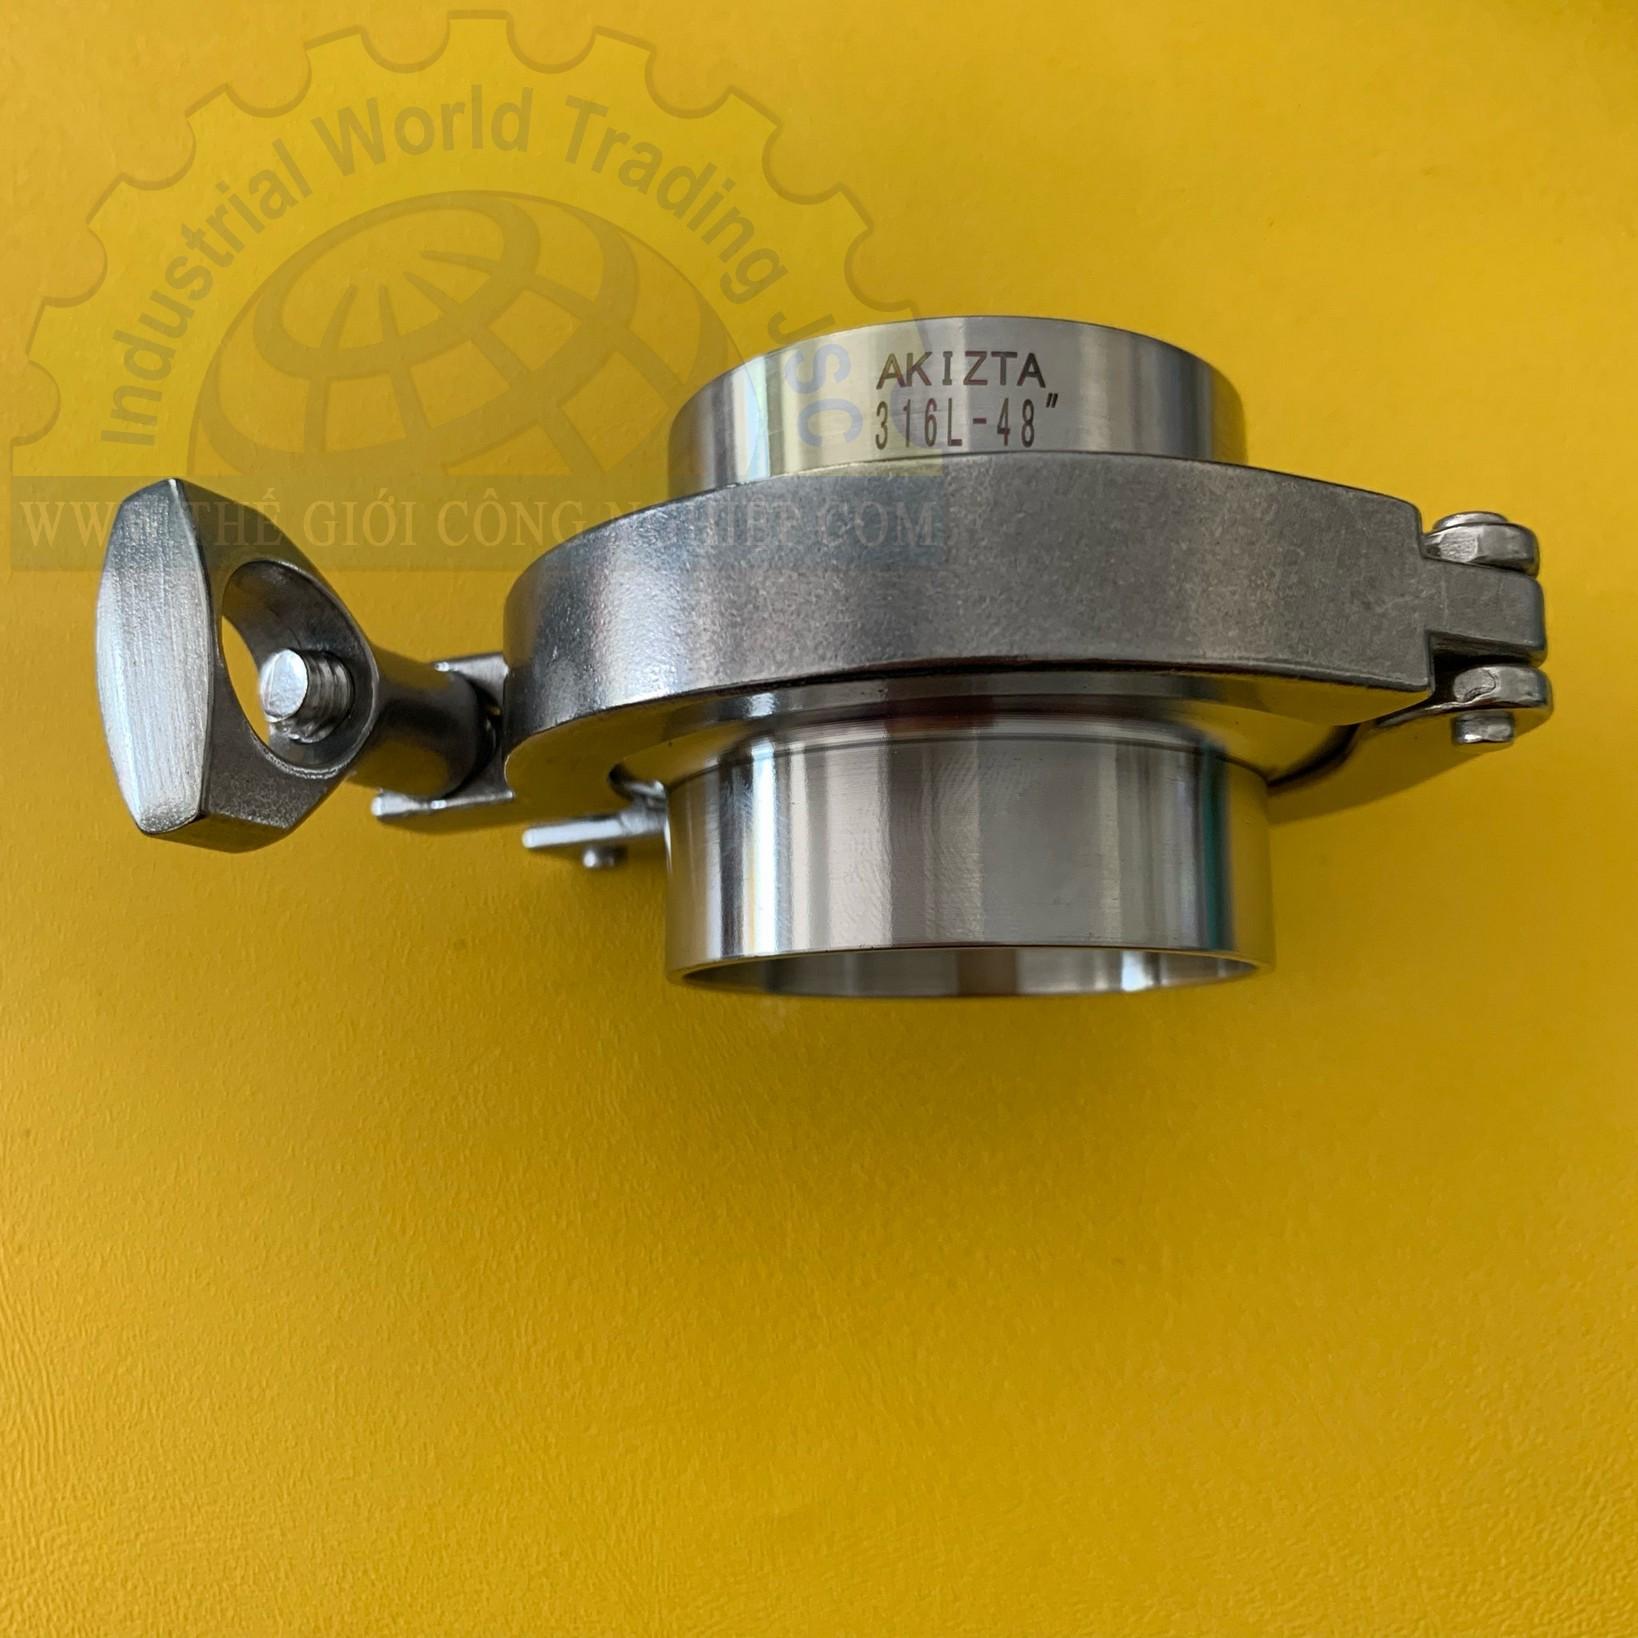 Khóa côn đầu ống bằng inox đường kính Ø49 clamp kẹp TGCN-44133 OEM-1338